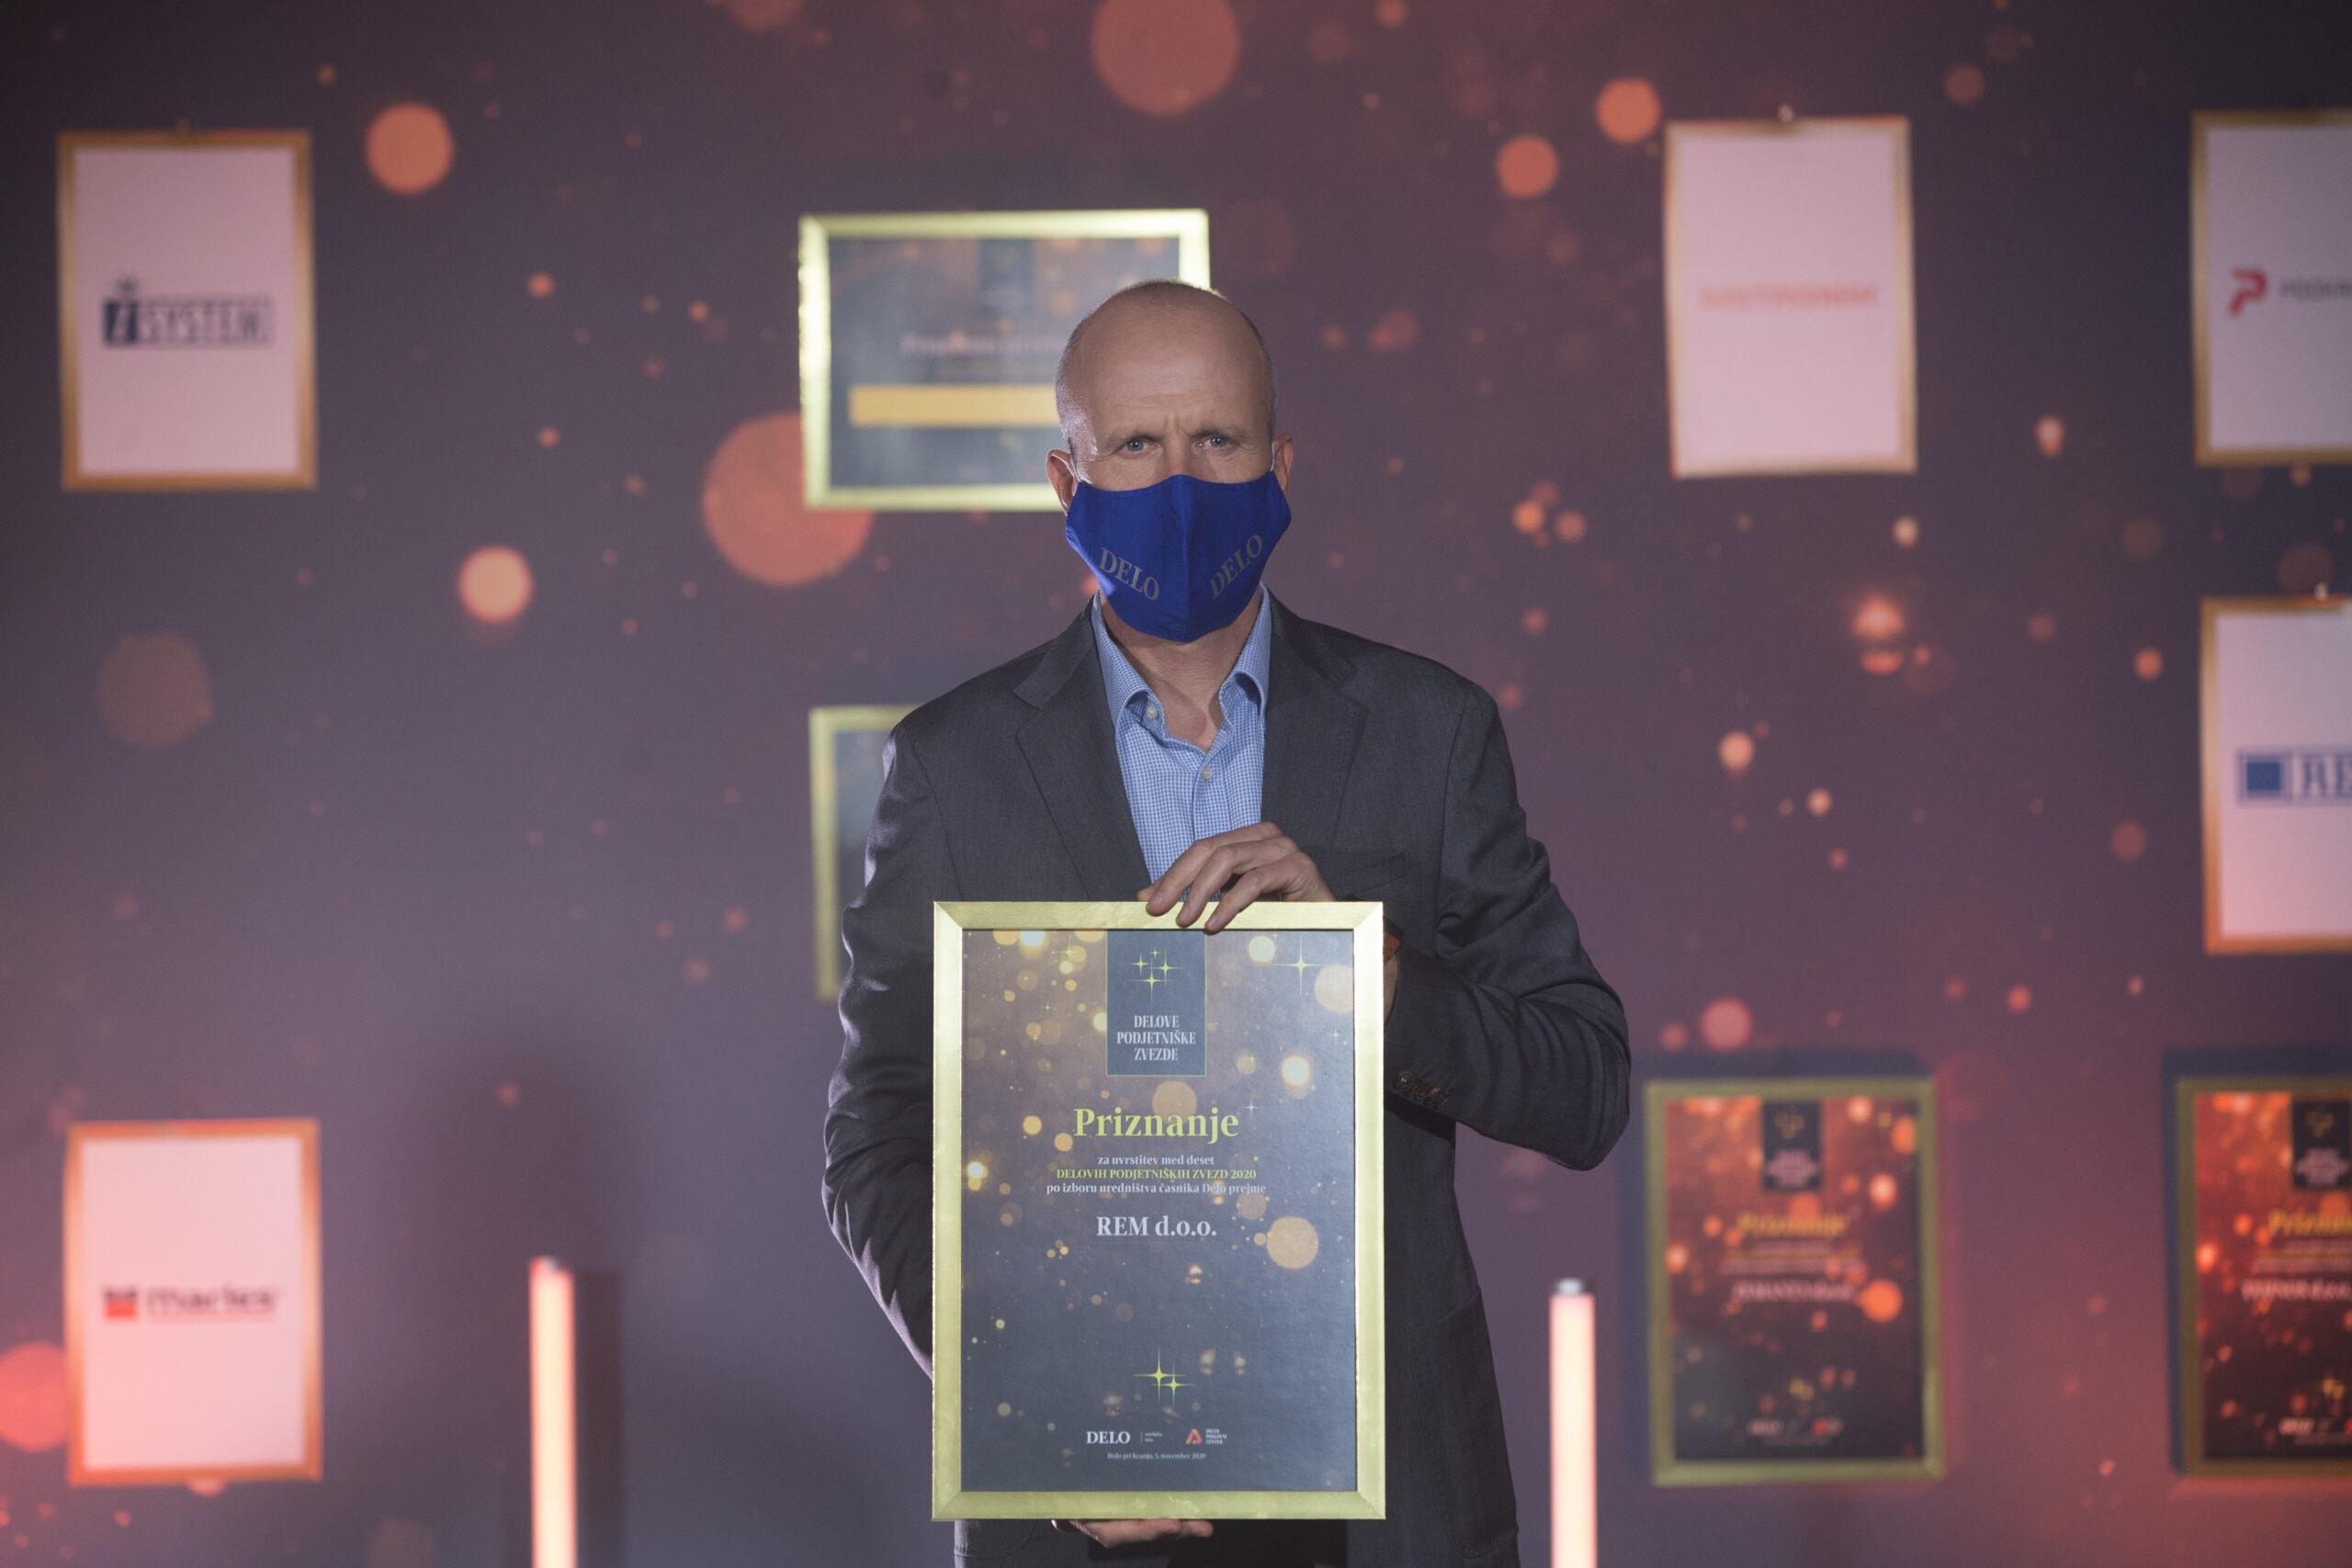 Nominacija za Delovo podjetniško zvezdo ZAA9020 scaled